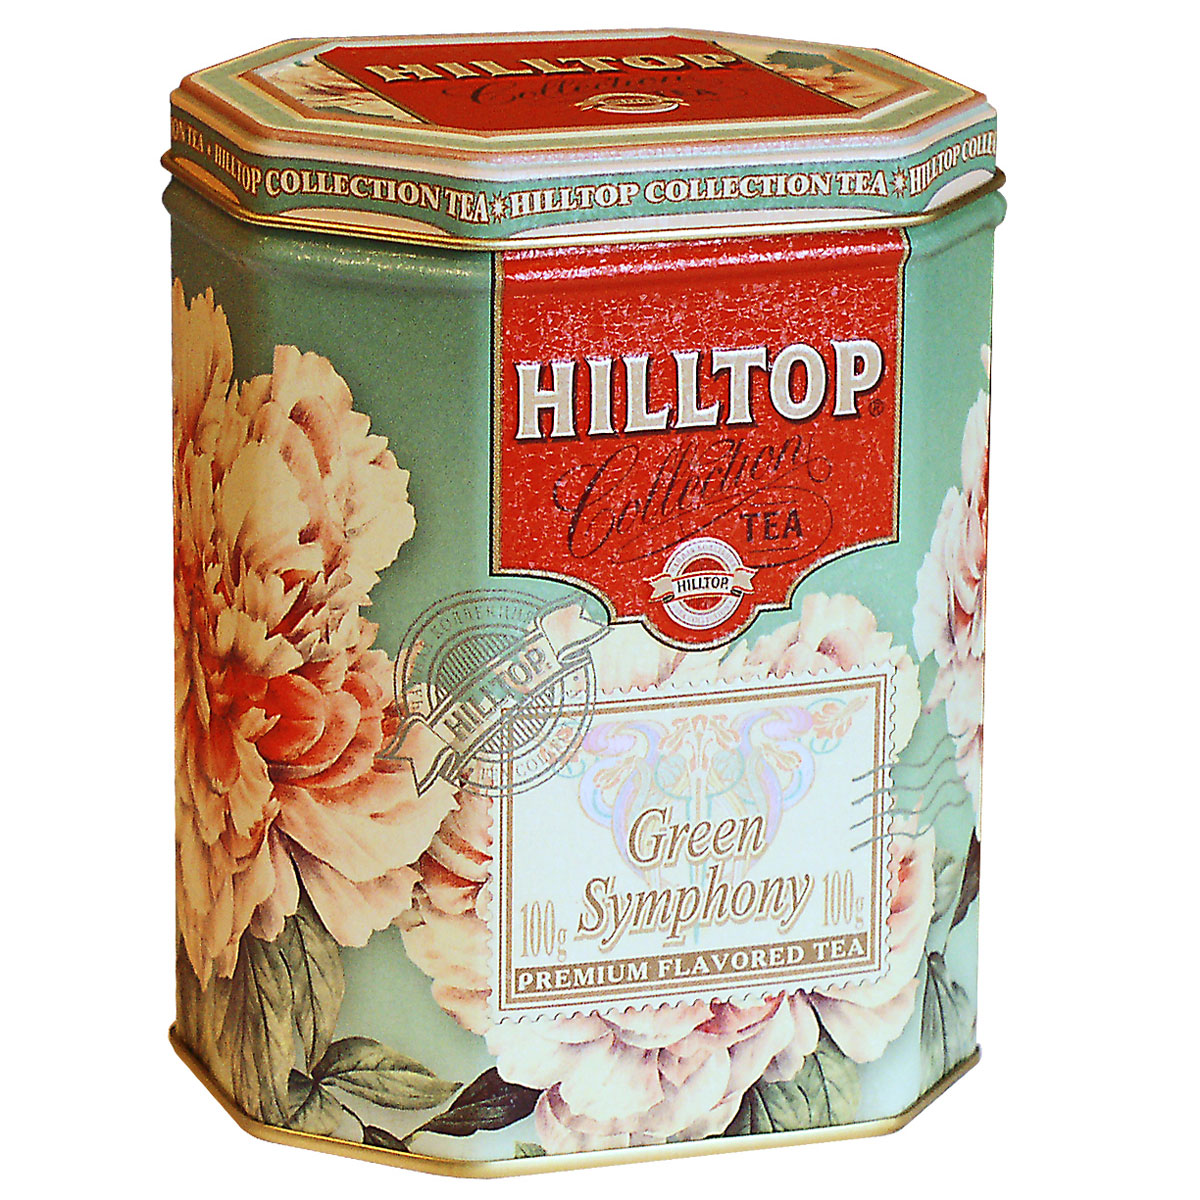 Hilltop Зеленая симфония зеленый листовой чай, 100 г4607099300309Hilltop Зеленая симфония - свежий зеленый китайский чай Сенча с лепестками календулы и мальвы.Всё о чае: сорта, факты, советы по выбору и употреблению. Статья OZON Гид